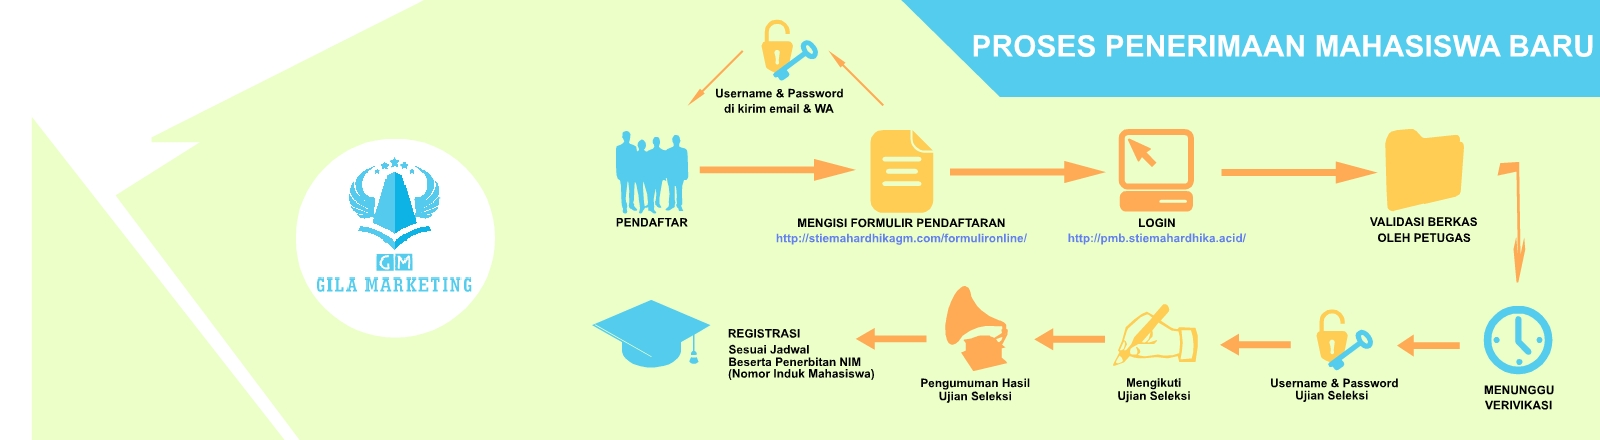 Proses Penerimaan Mahasiswa Baru